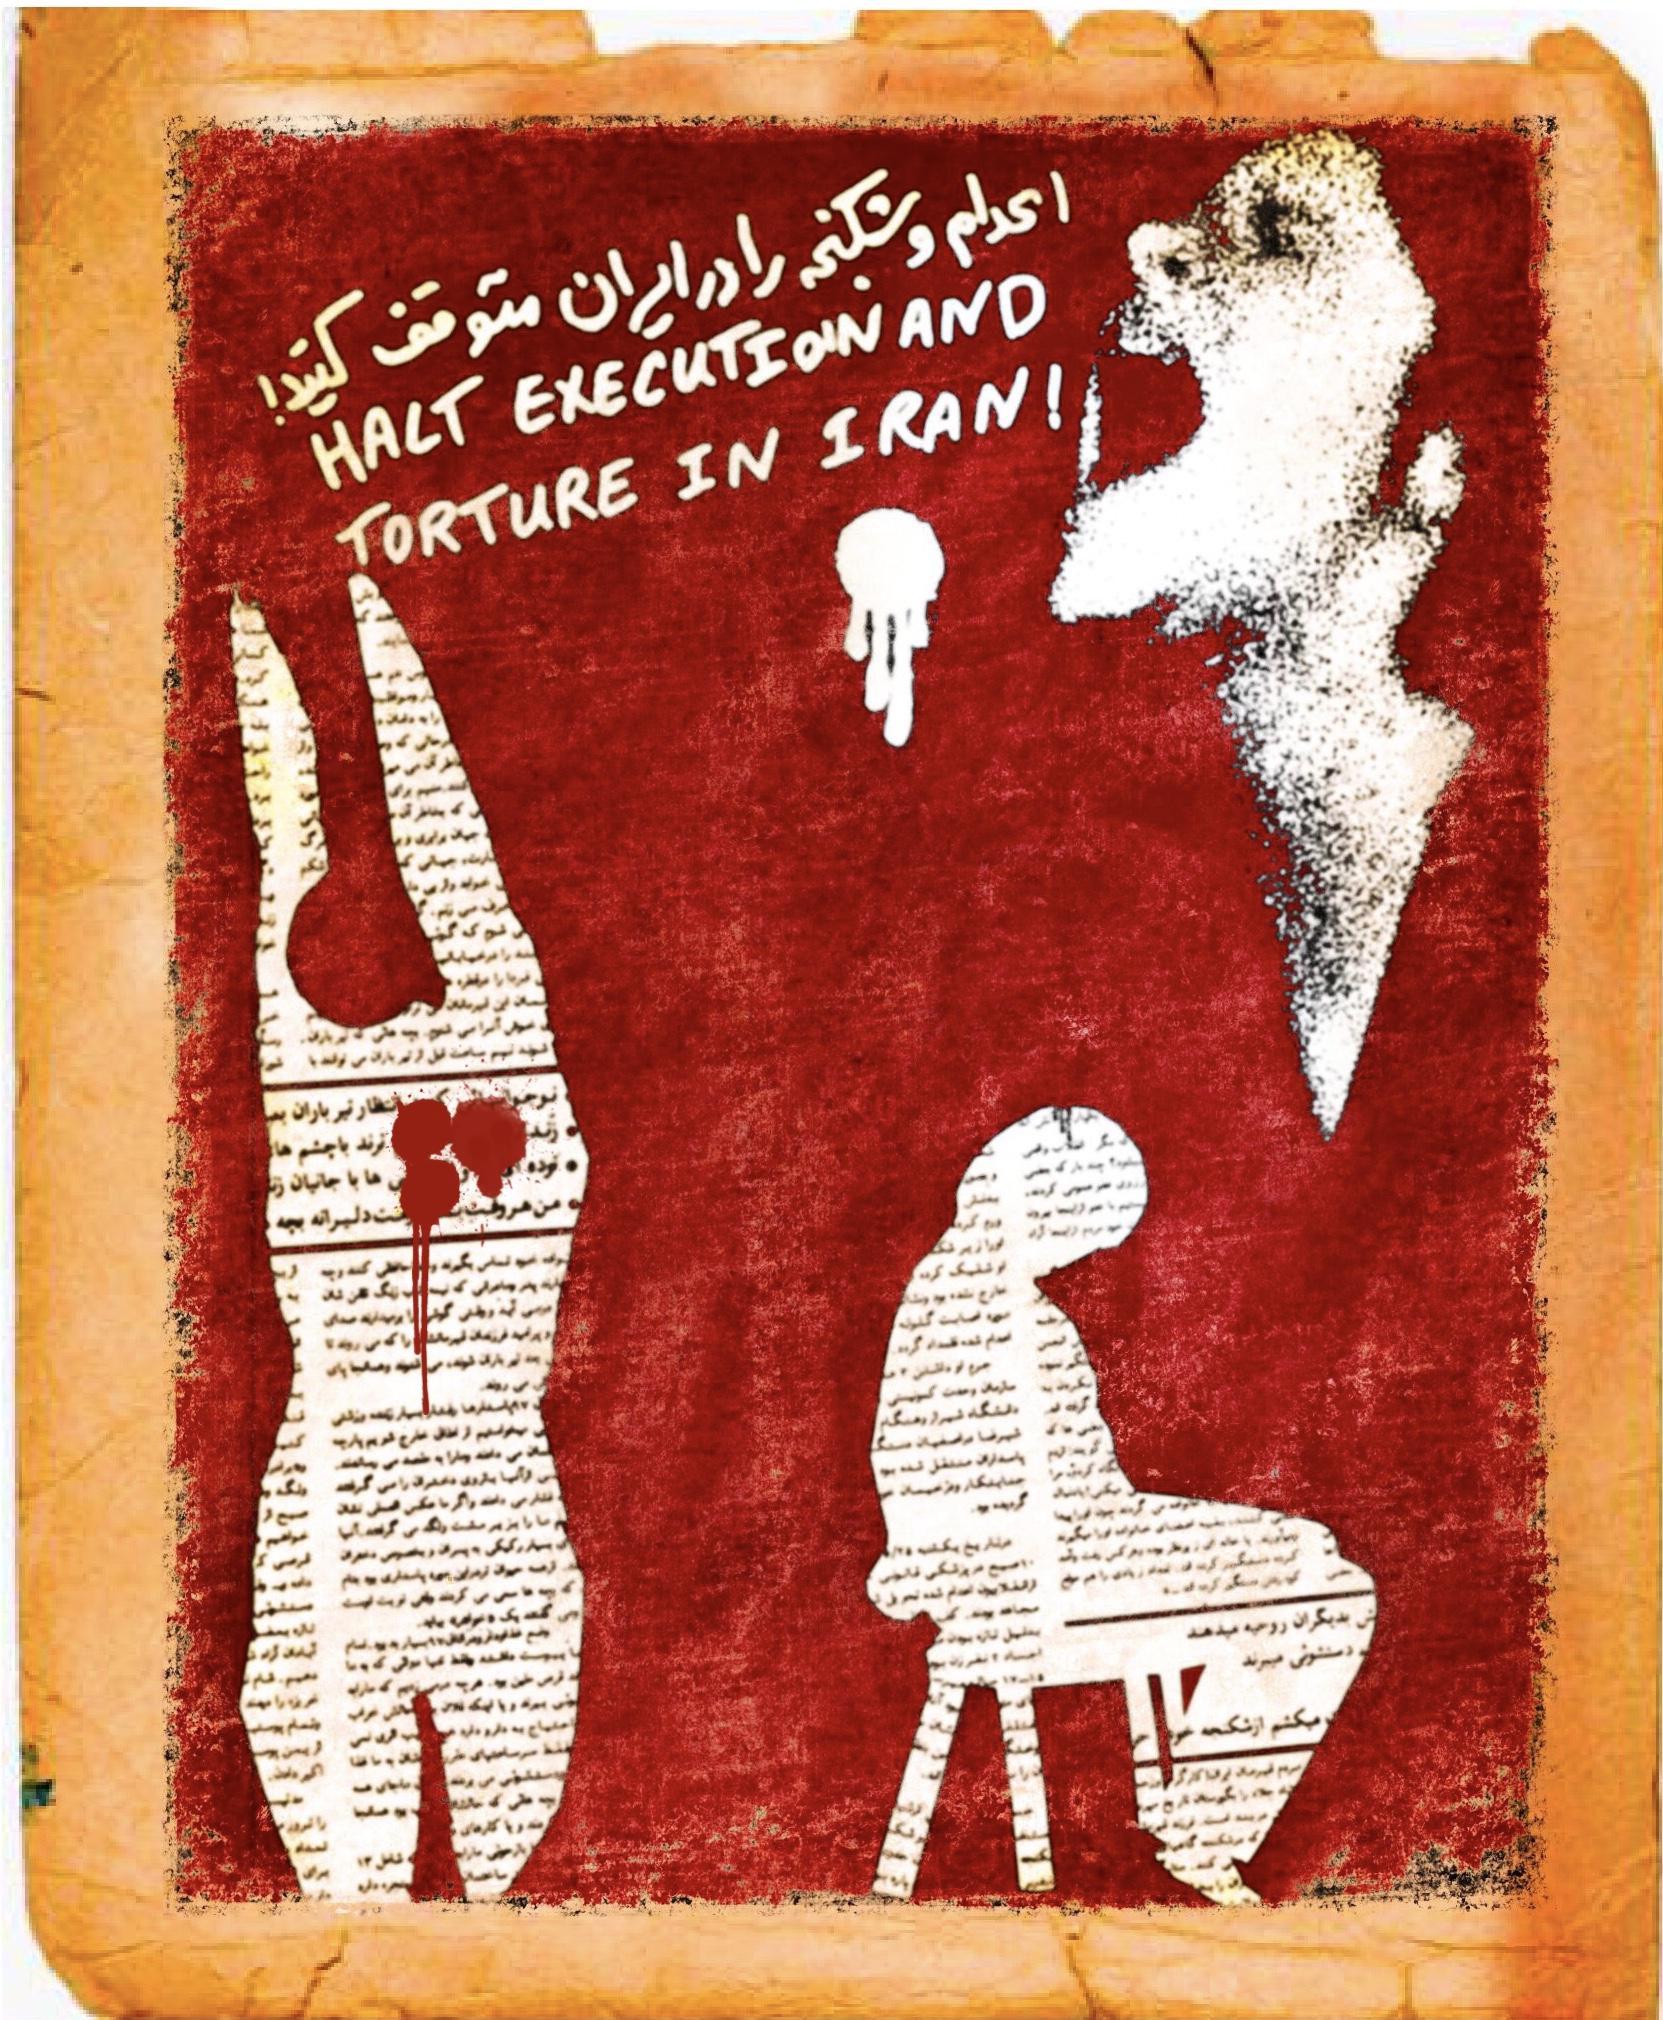 اعدام و شکنجه را در ایران متوقف کنید @schabname